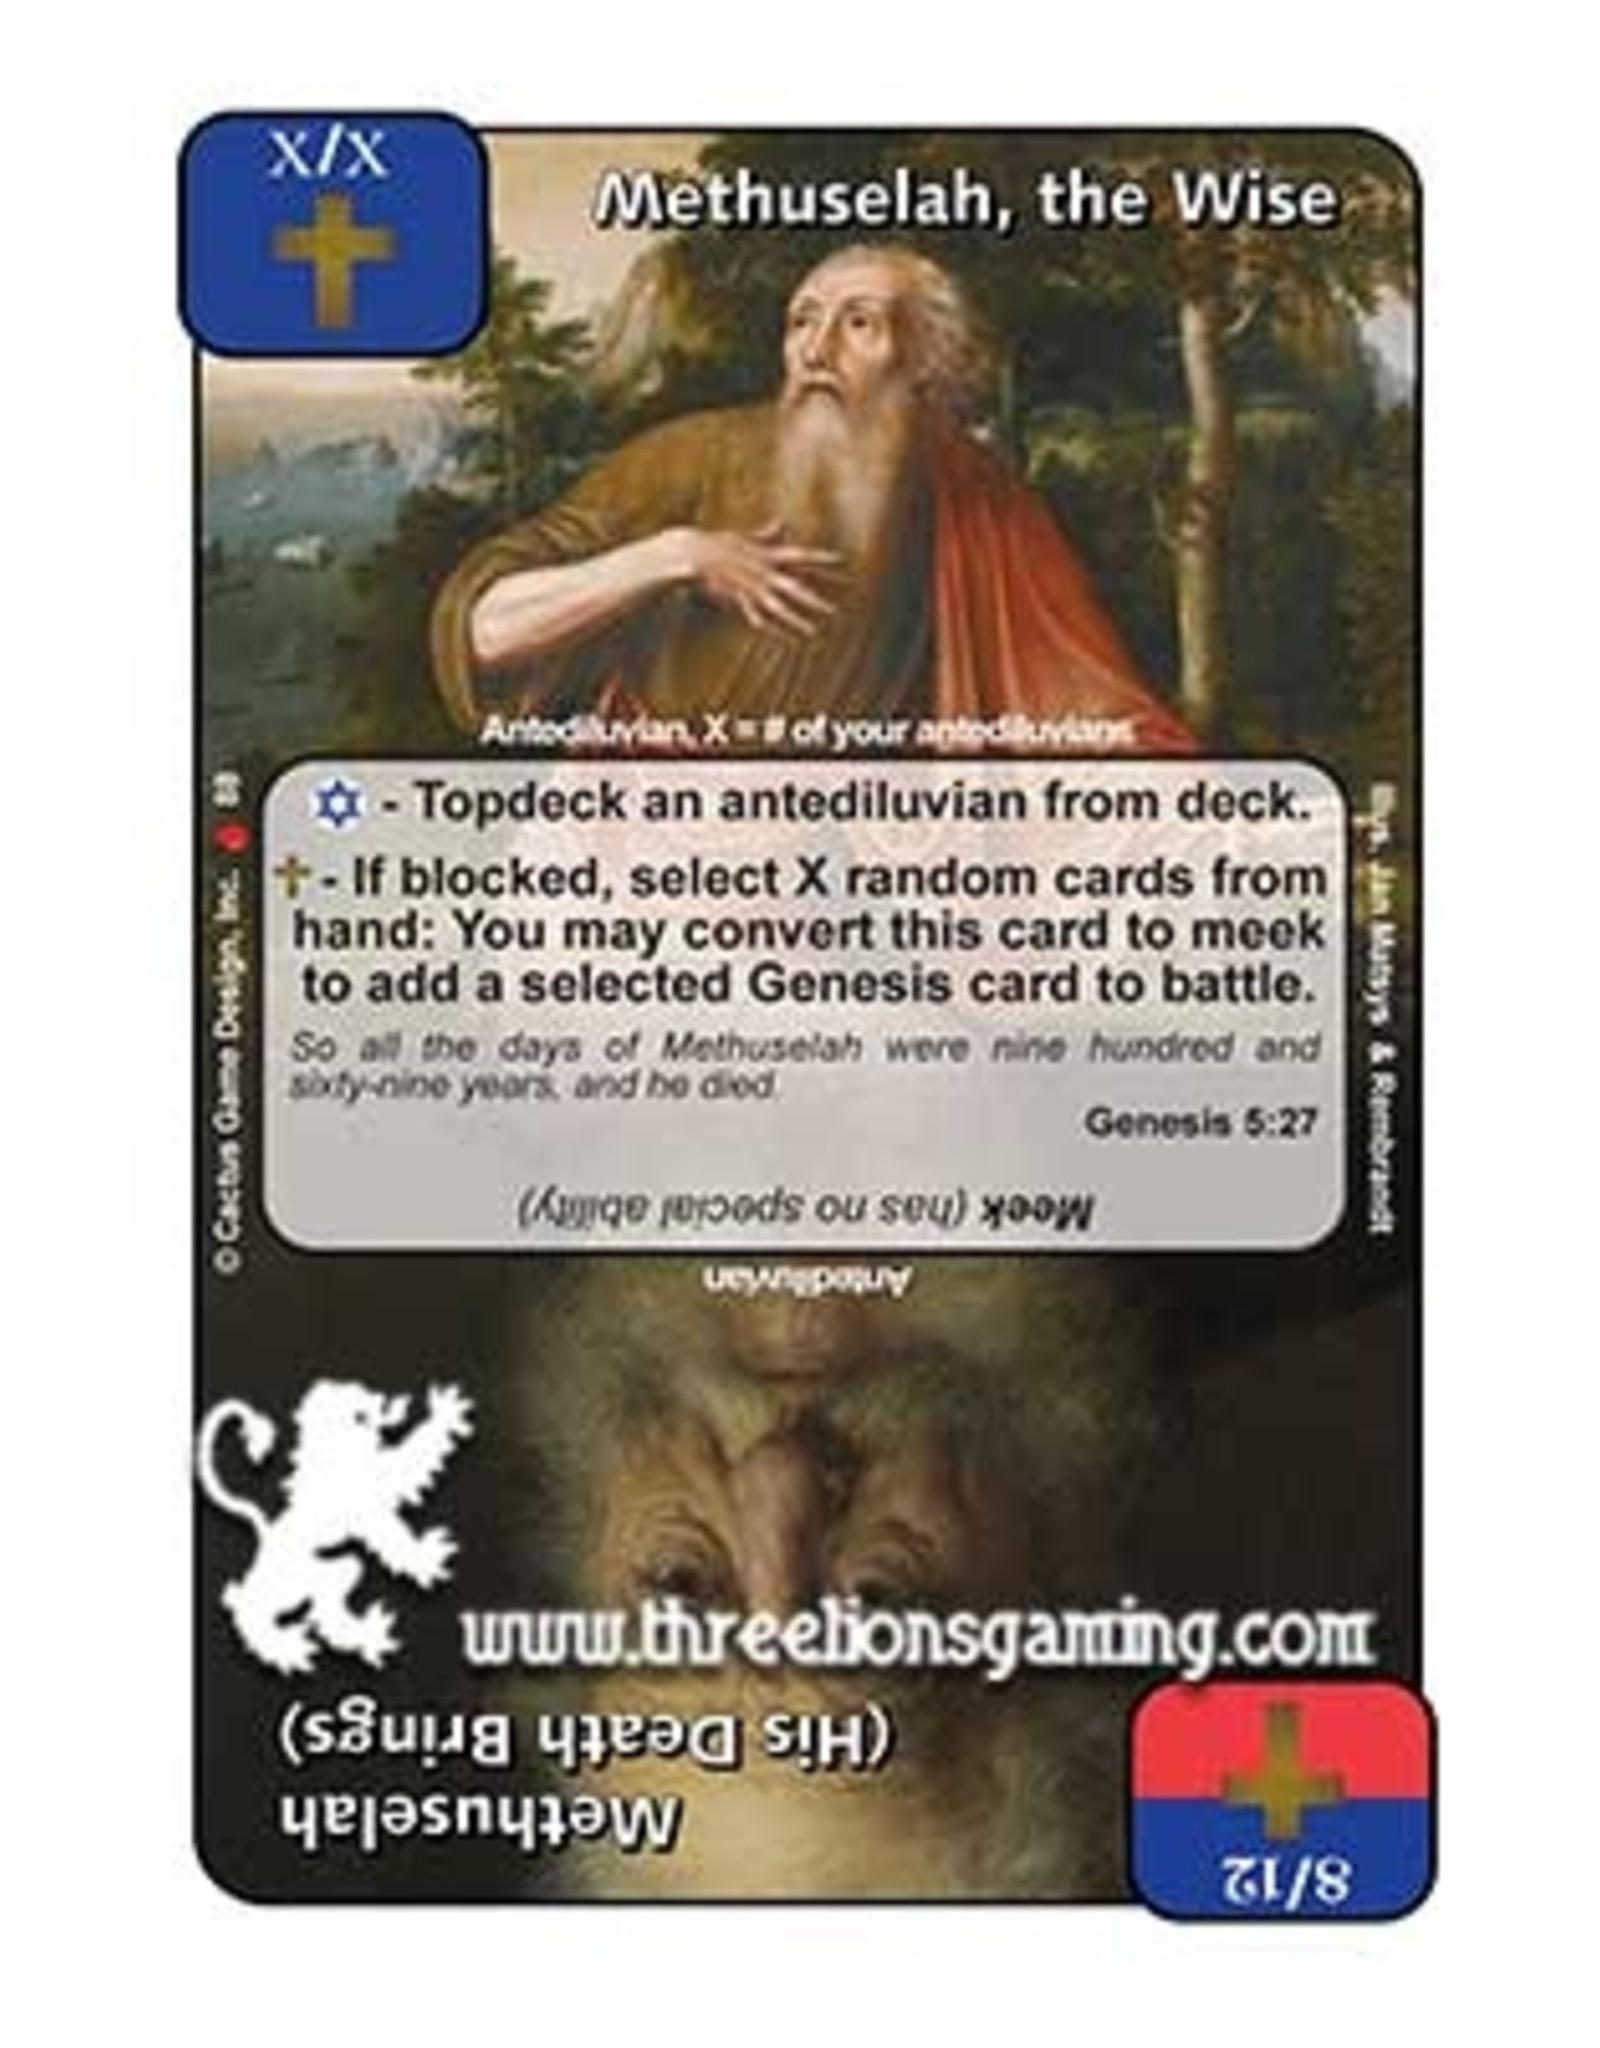 Methuselah, the Wise / Methuselah (His Death Brings) (LoC)